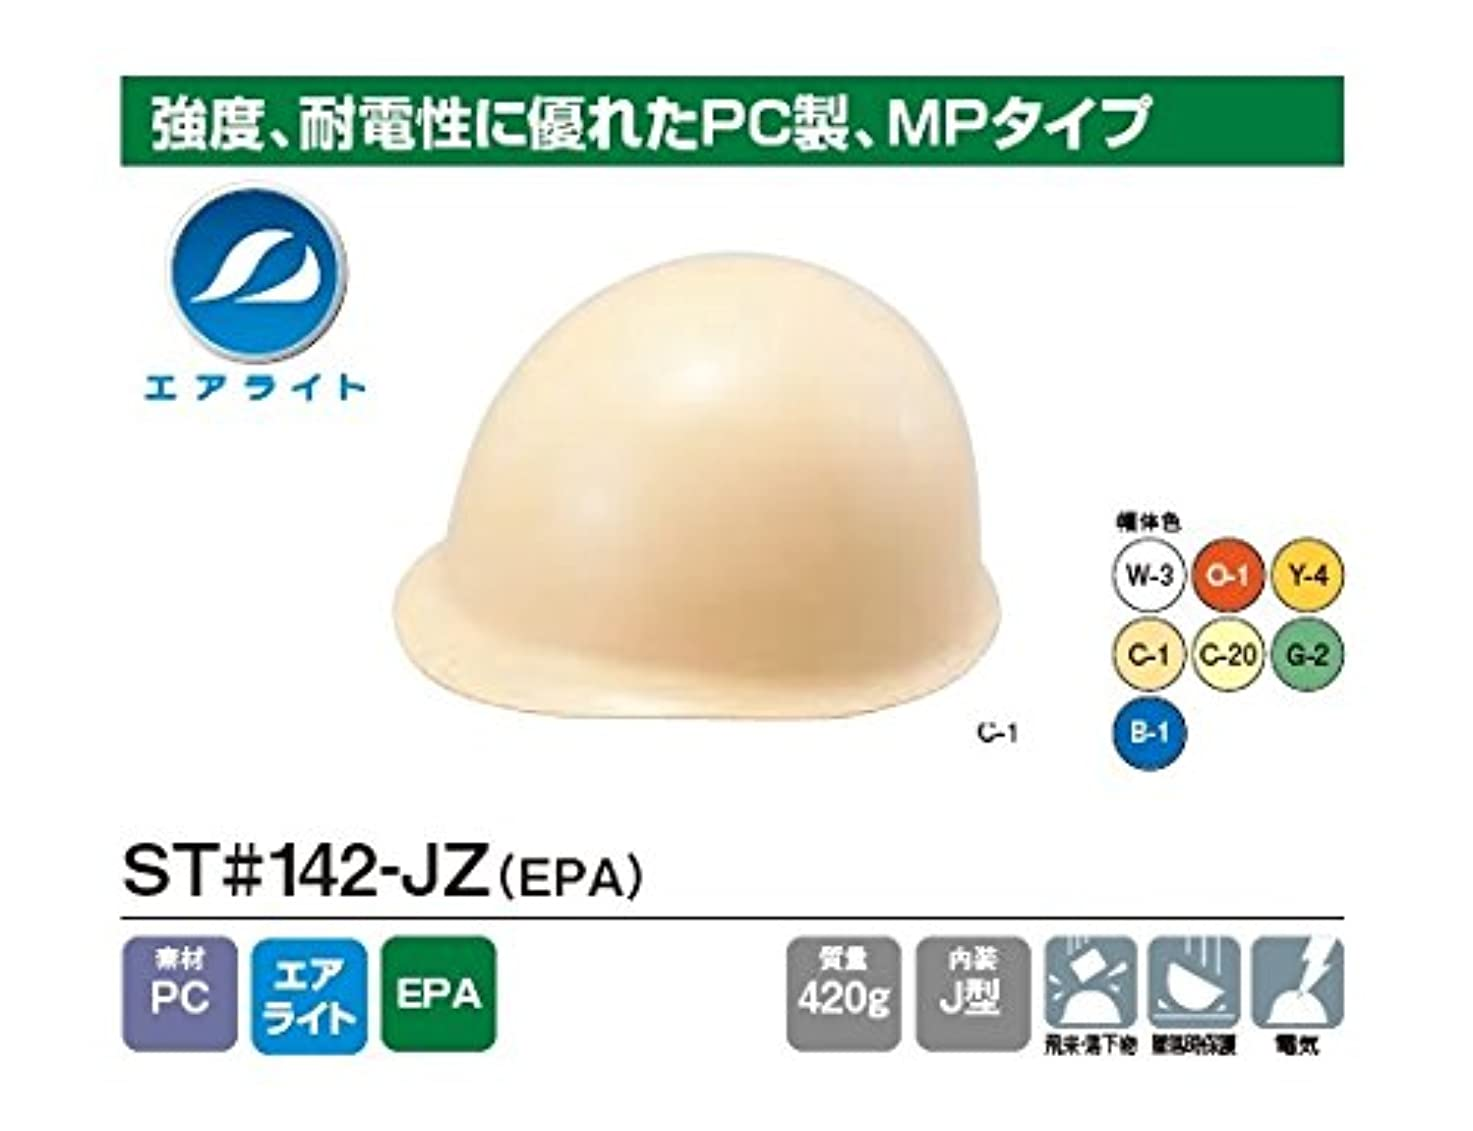 ストロー兵器庫バリア熱中症対策は頭から!涼しいのに安全なヘルメット エアライト さらに涼しい遮熱塗装仕様 ST#142-JZ(EPA) 帽体 オレンジ(O-1)